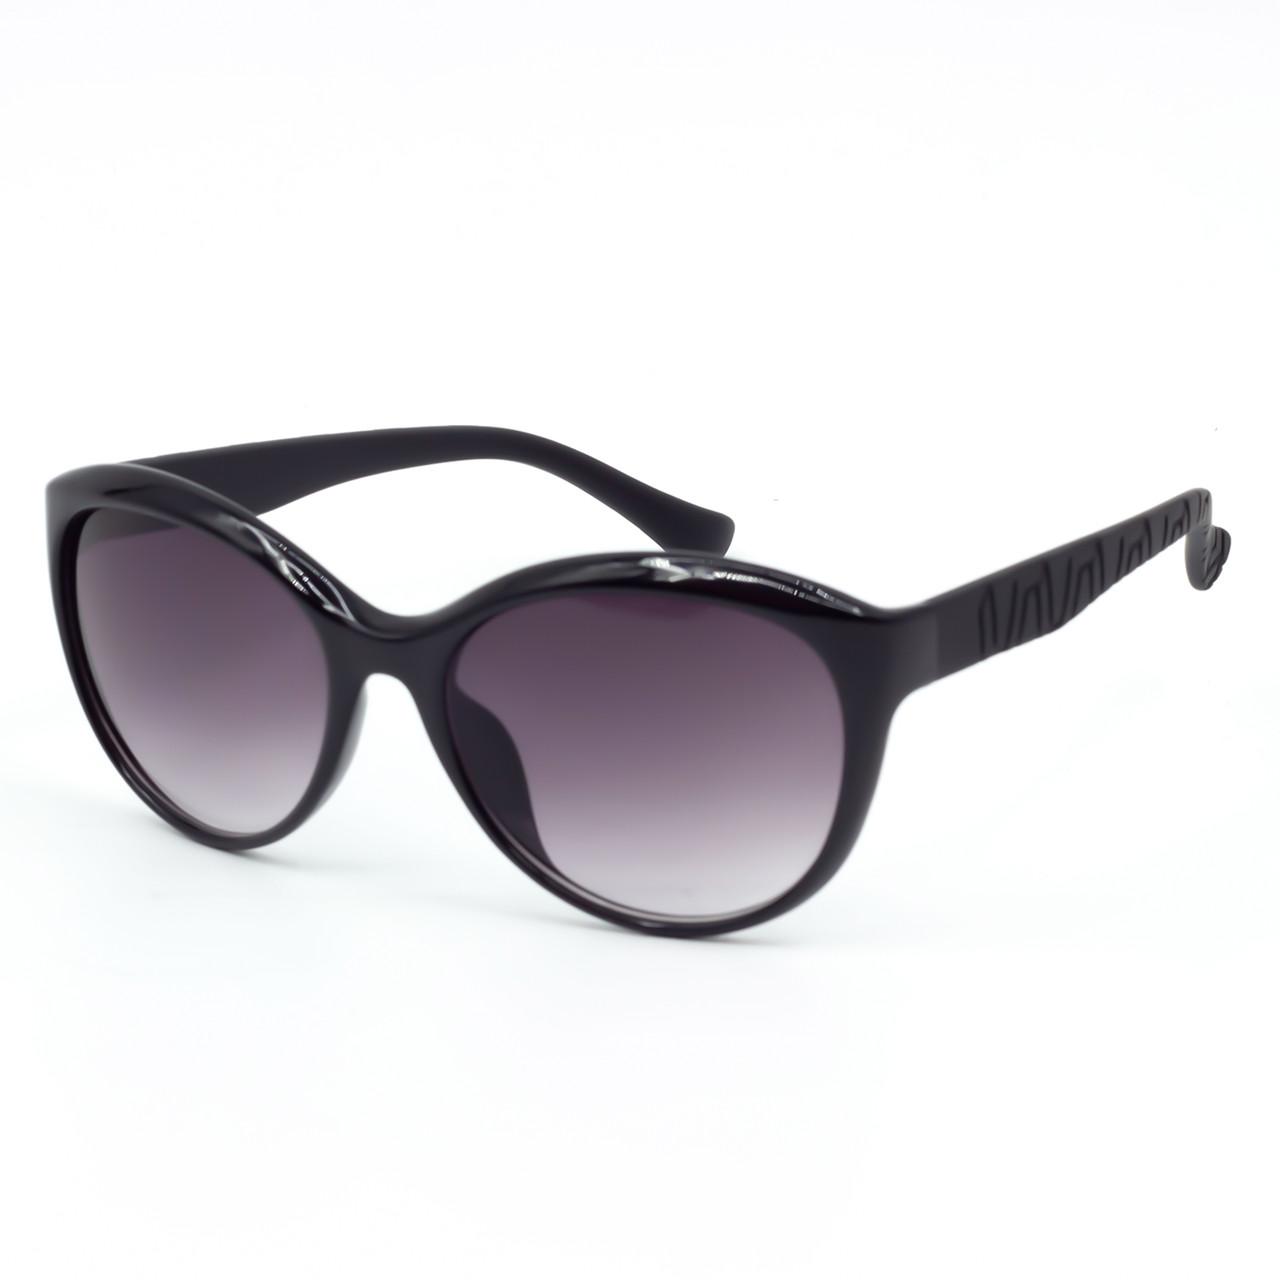 Солнцезащитные очки Marmilen 16947 C2 черные глянцевые    ( 16947-02 )